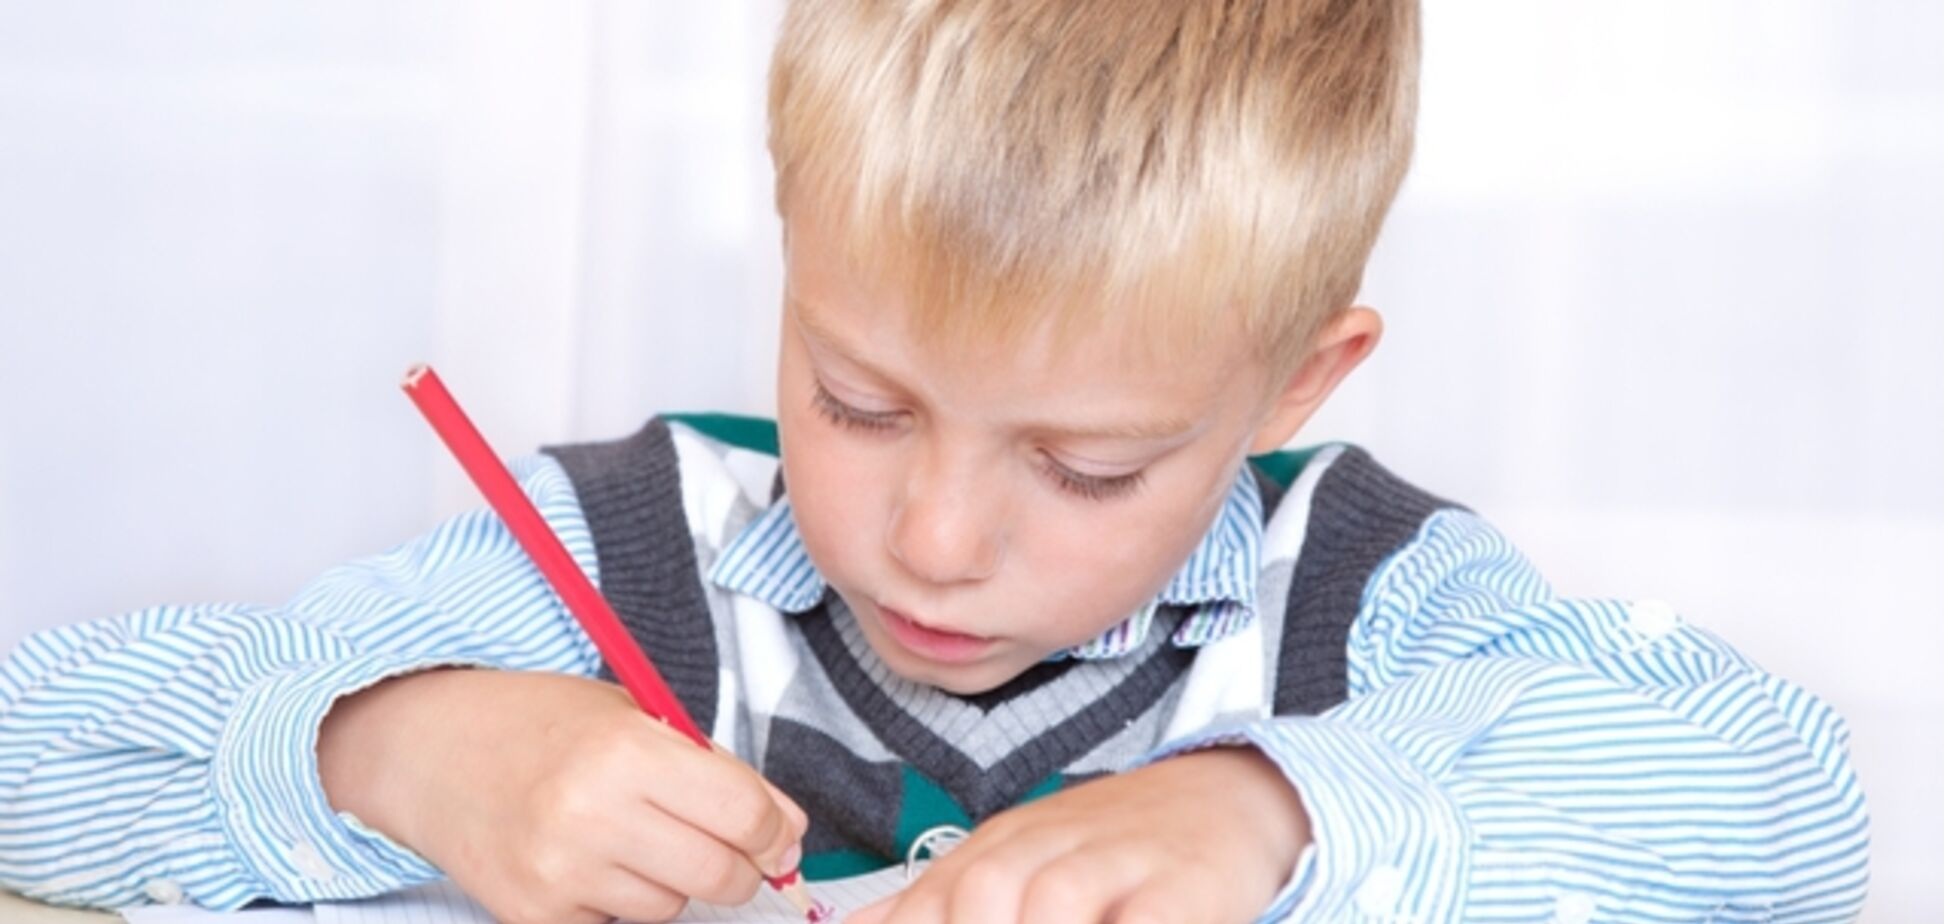 'Я молився, щоб ви потрапили в пекло': лист школяра до вчительки розбурхав мережу